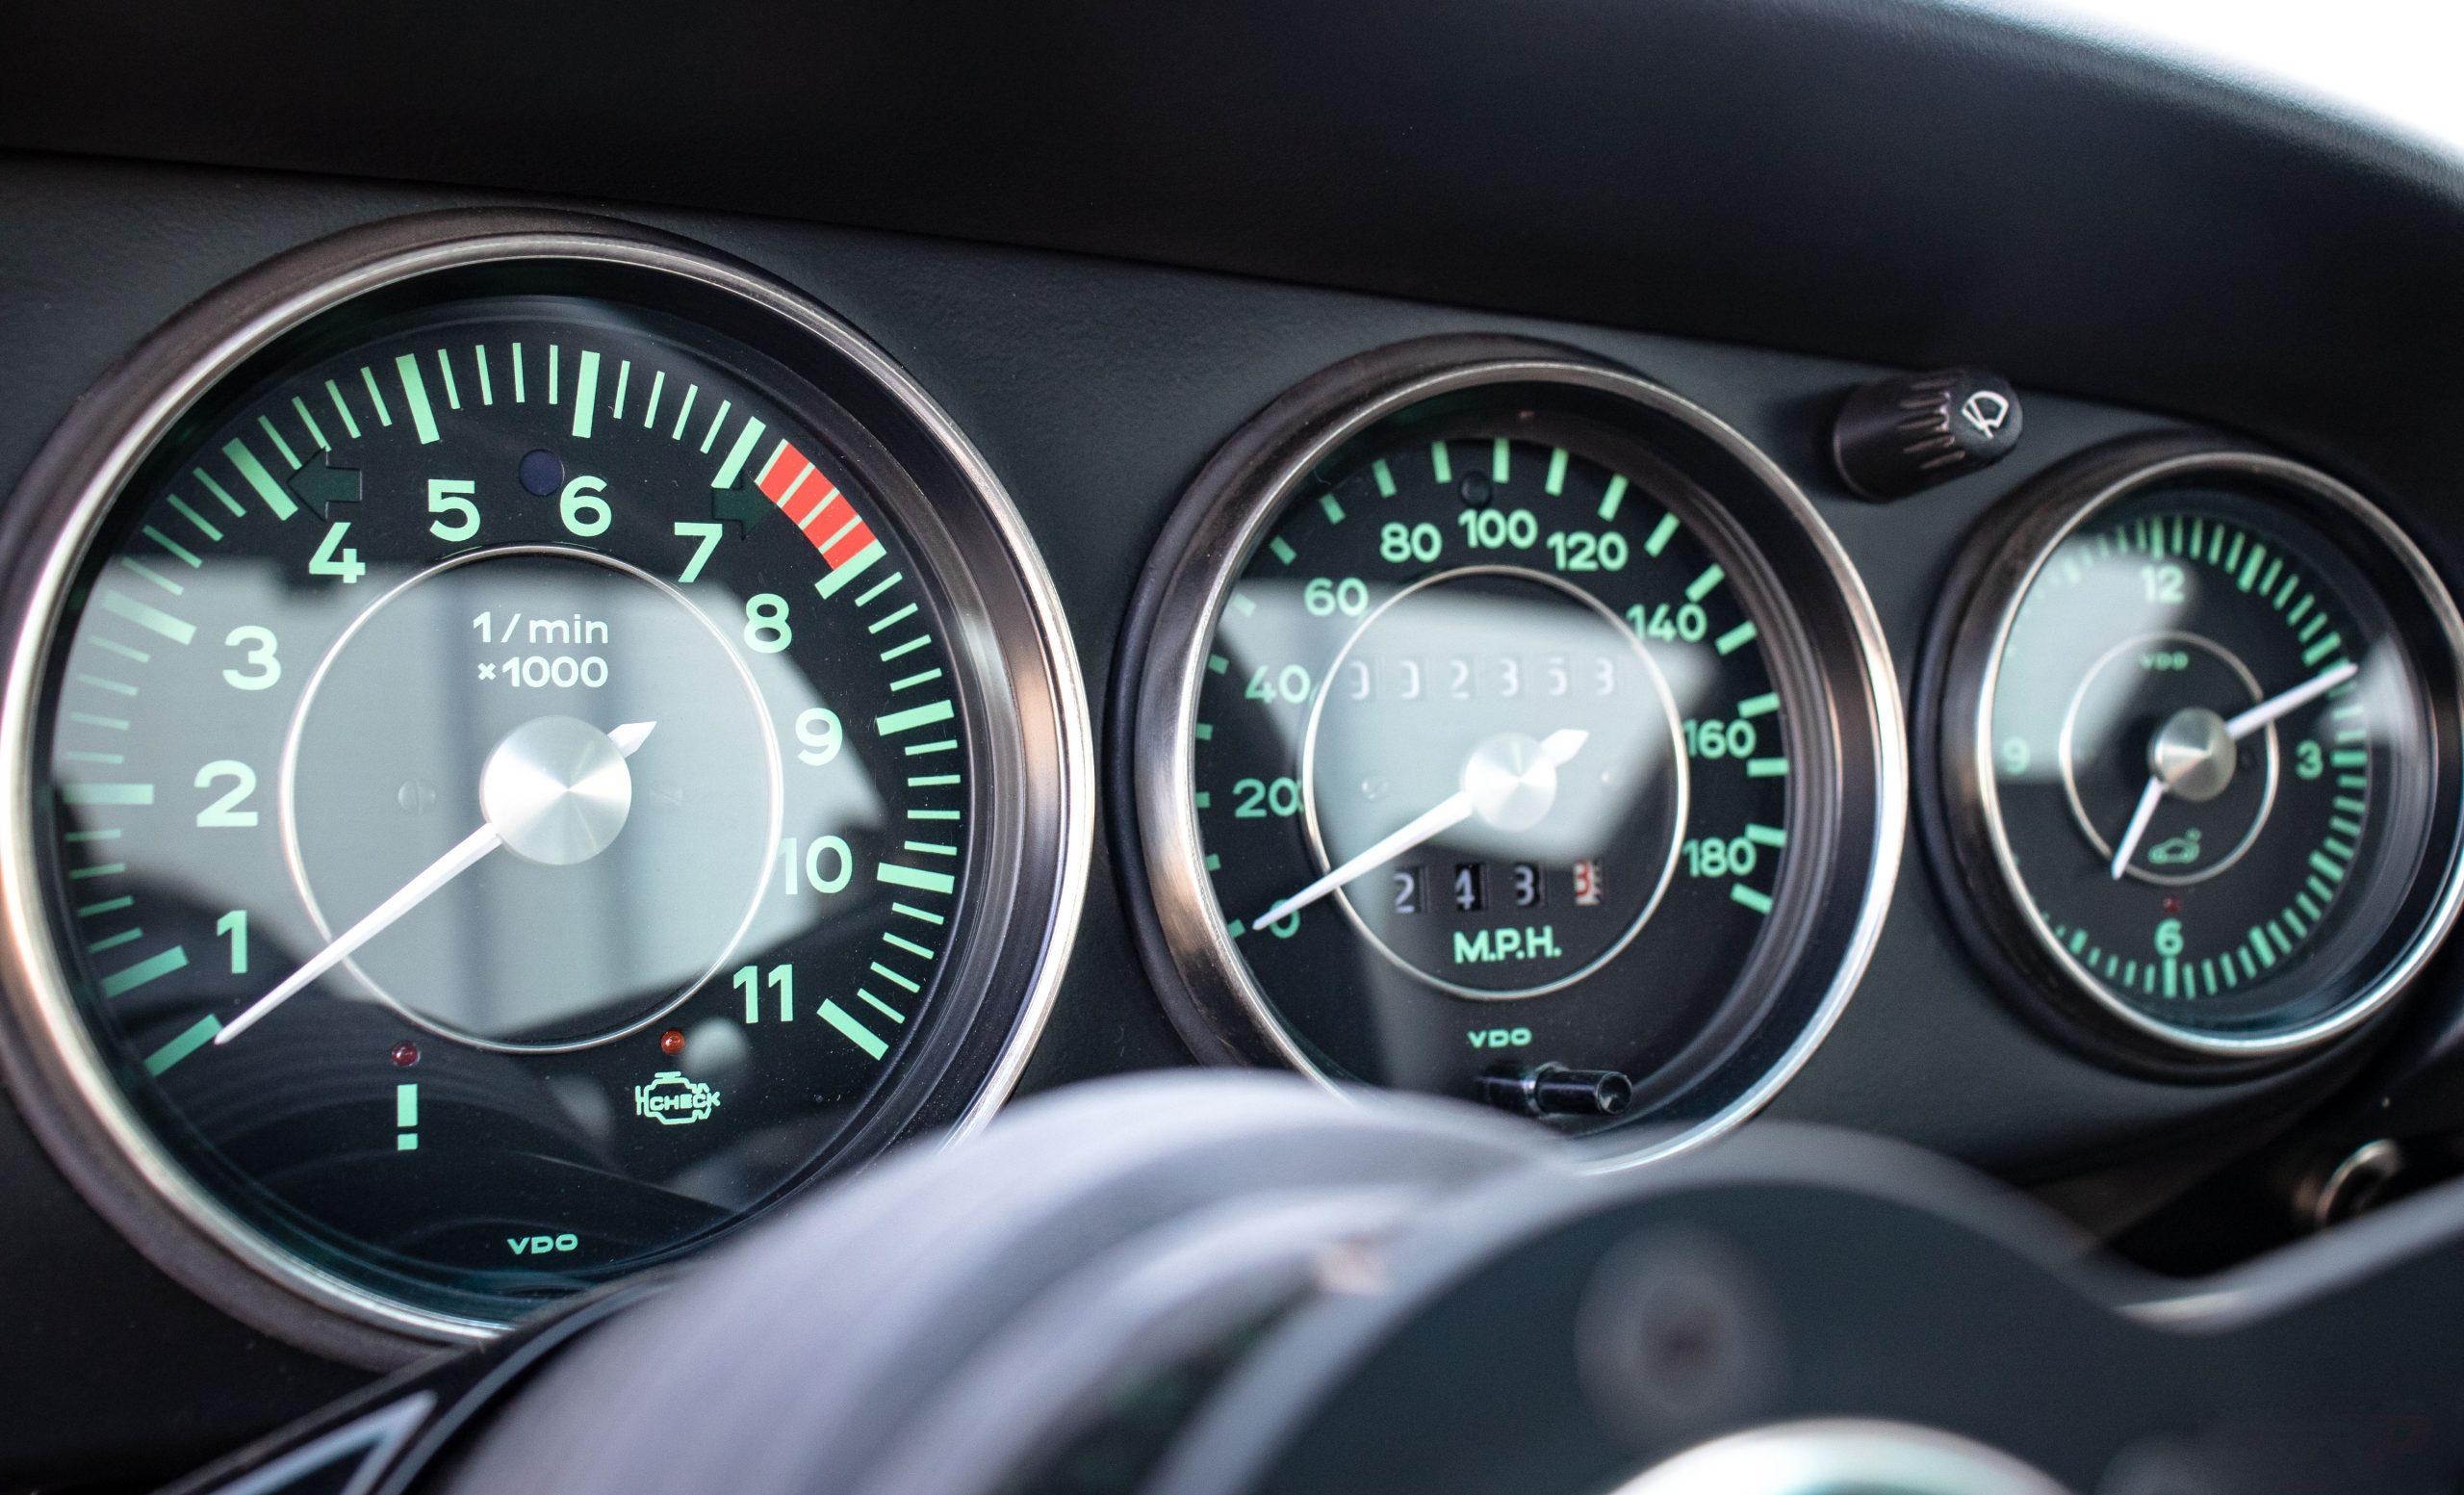 Porsche Singer reimagination car interior gauges